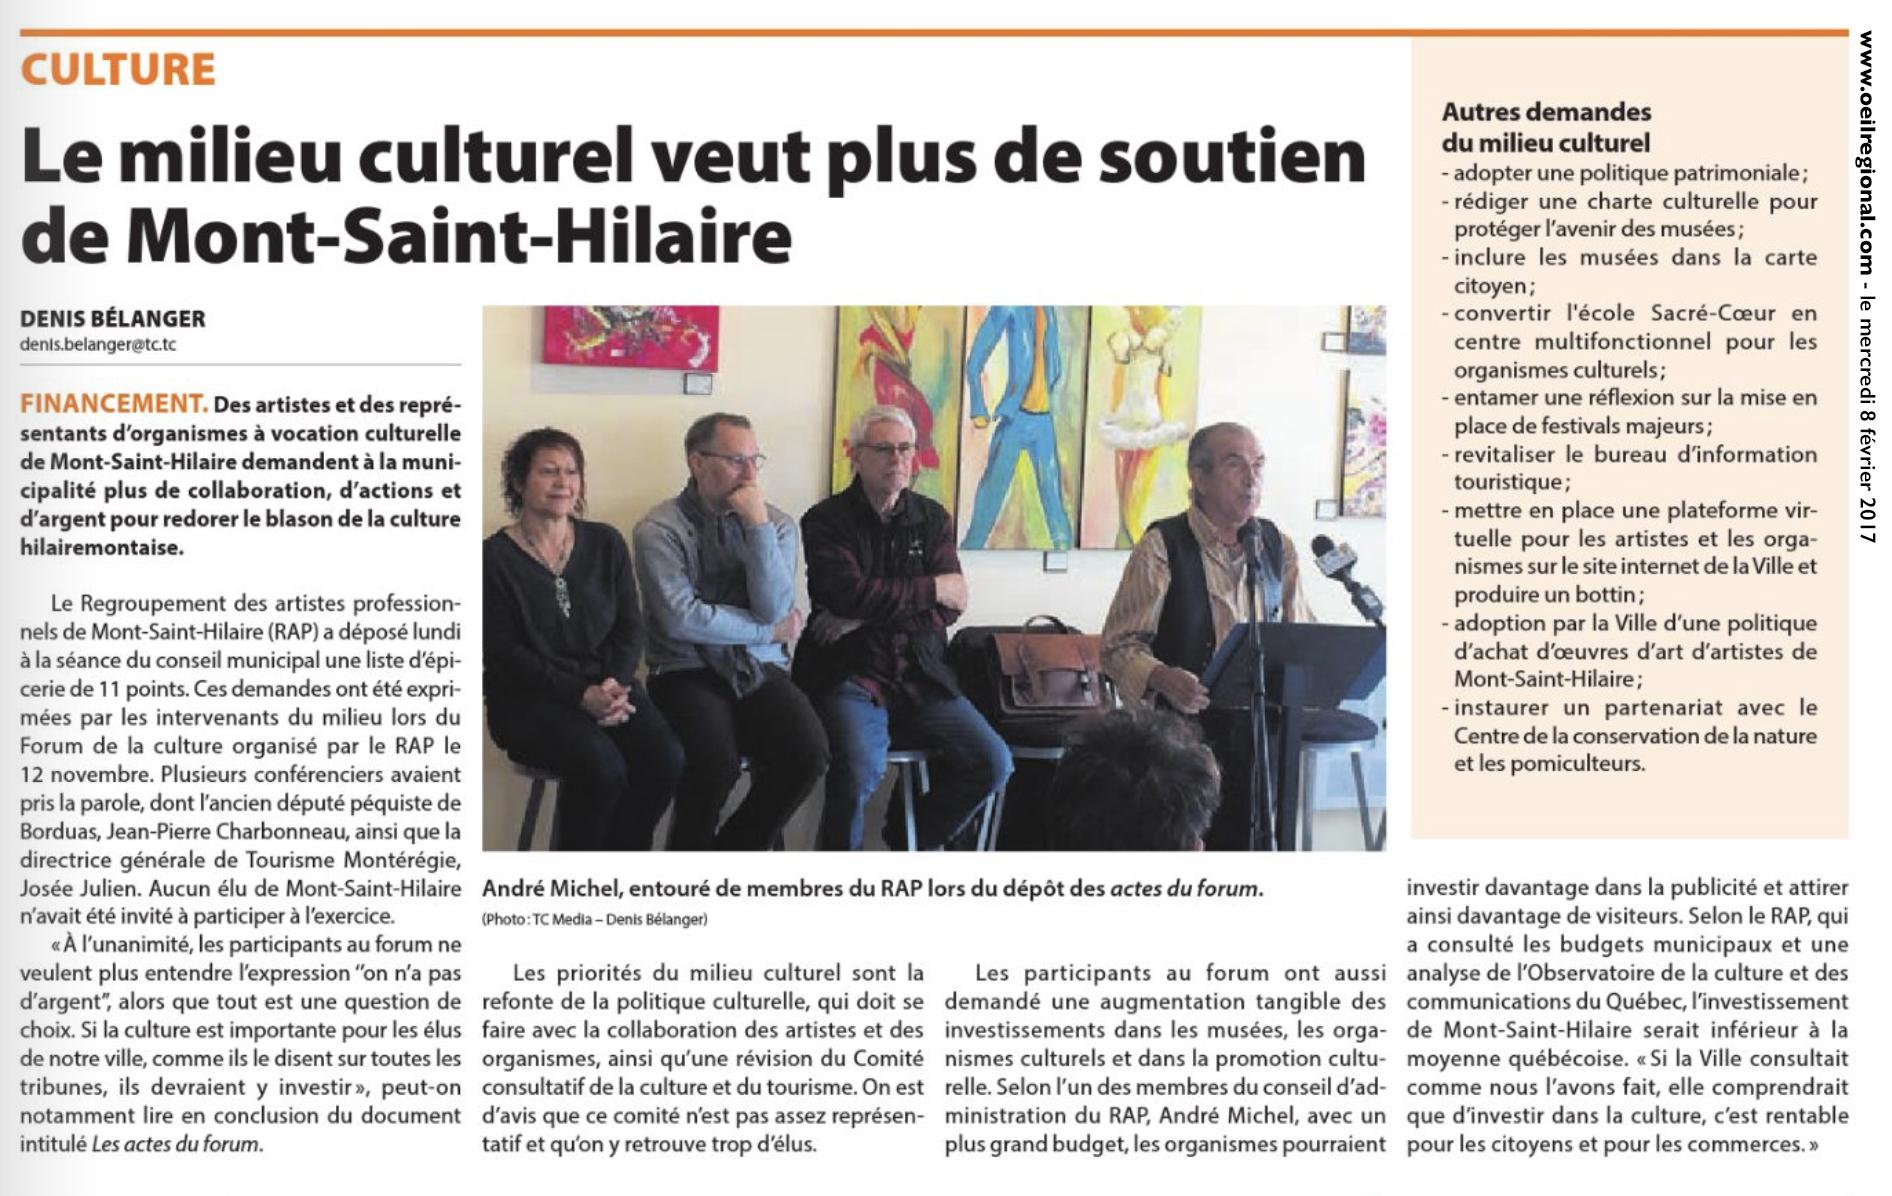 Le milieu culturel veut plus de soutien de Mont-Saint-Hilaire